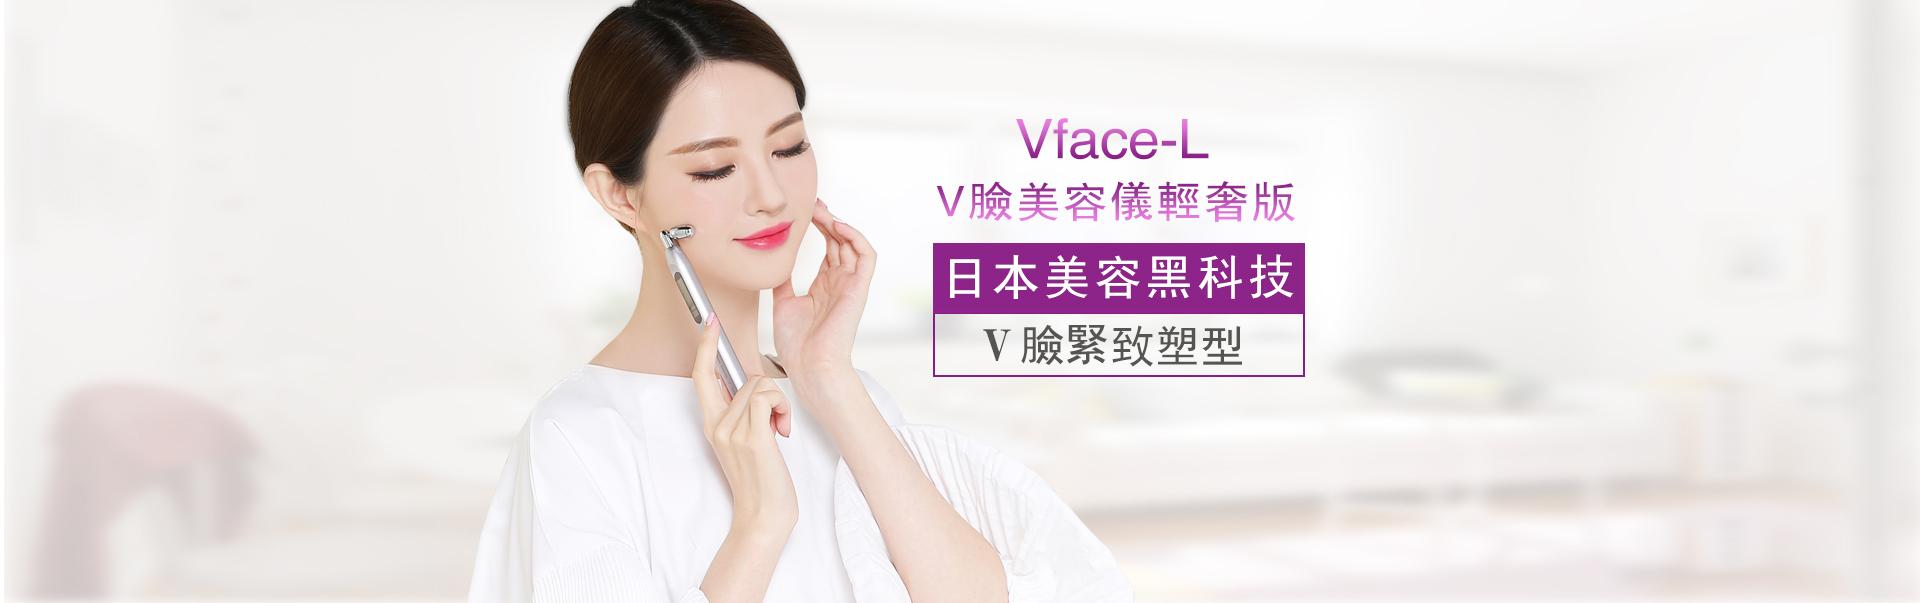 日本娜蜜絲V臉儀 兩輪版 vface 瘦臉儀 f83L